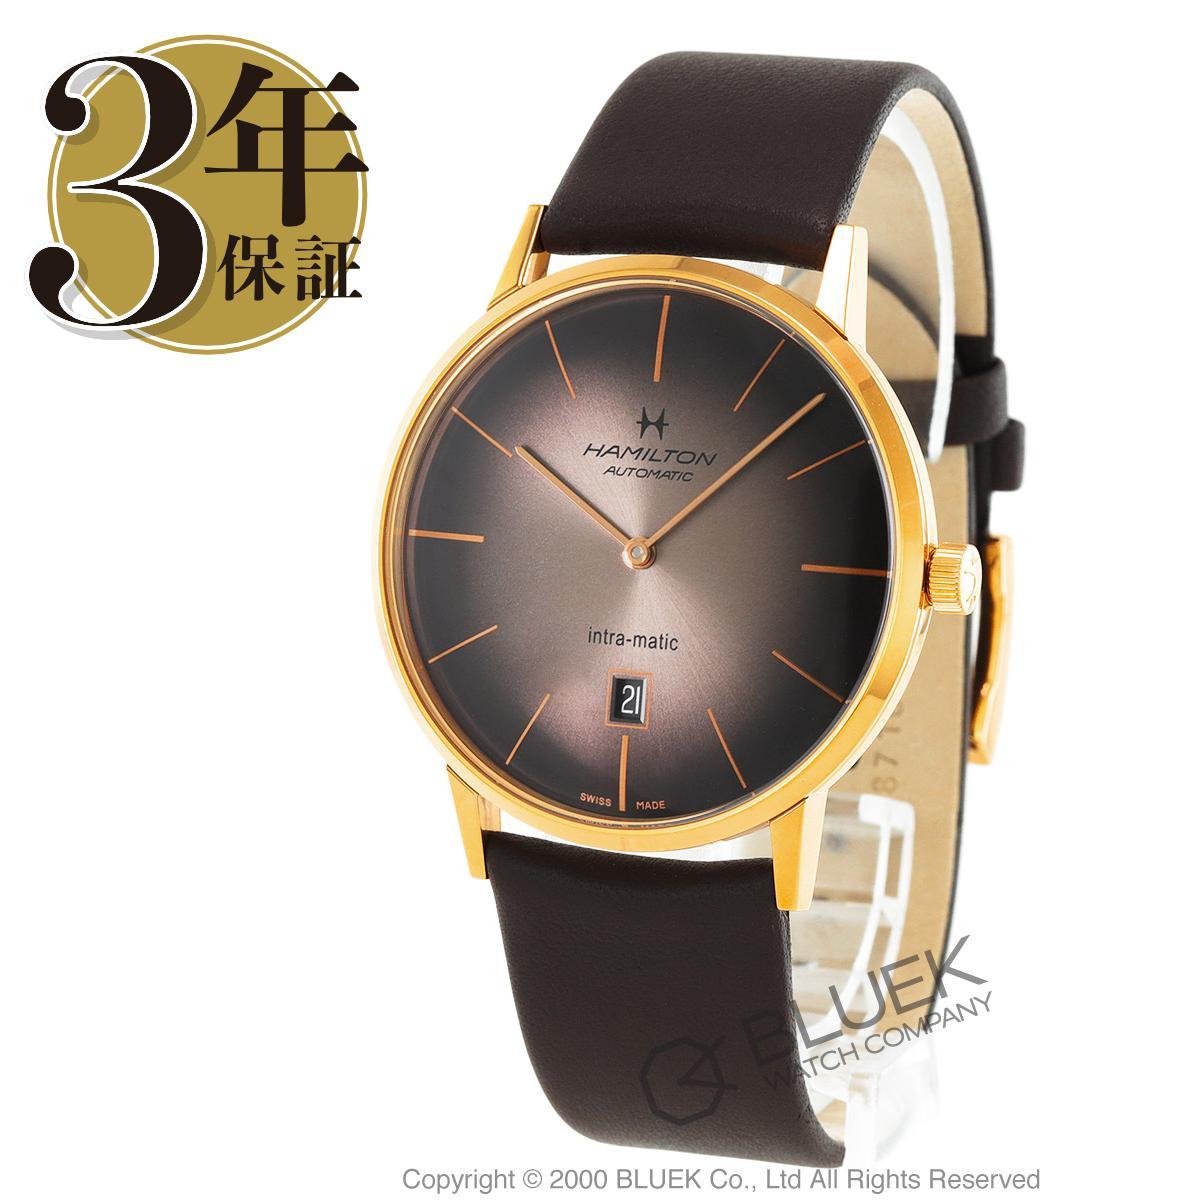 ハミルトン イントラマティック 腕時計 メンズ HAMILTON H38745501_3